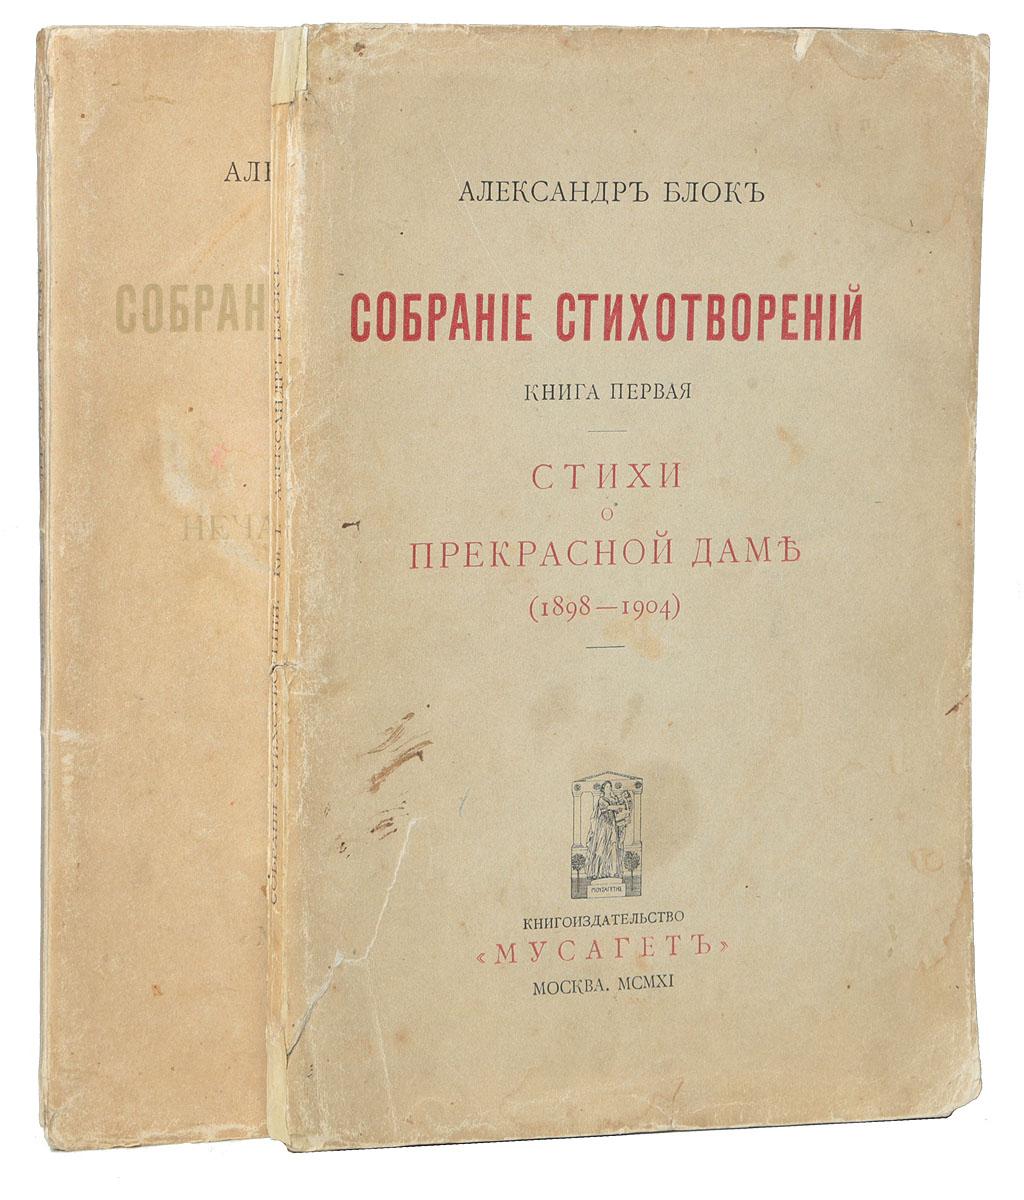 Александр Блок. Собрание стихотворений (комплект из 2 книг) Мусагет 1911